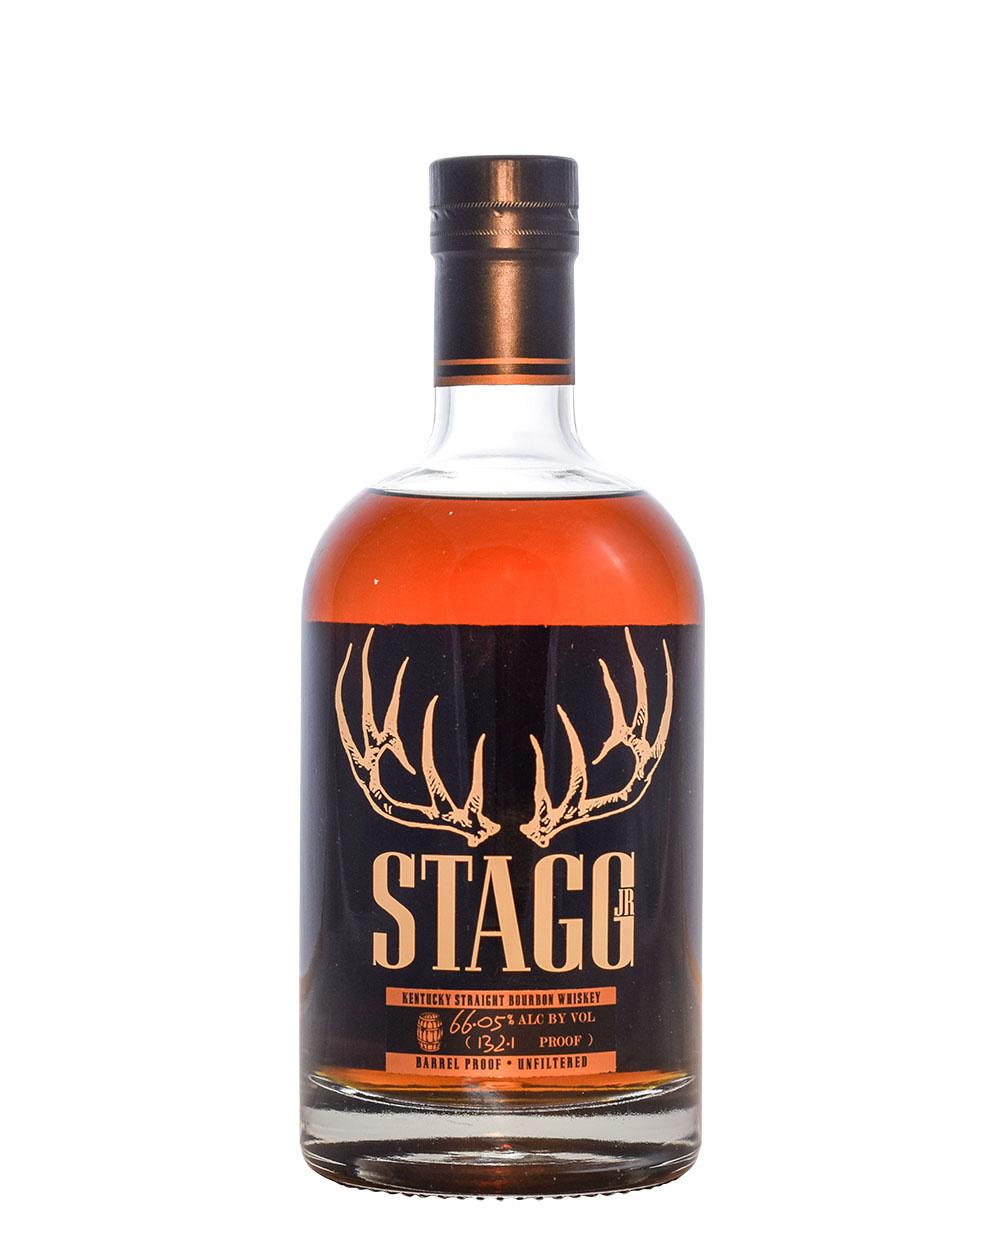 USA Stagg JR 128.4PF